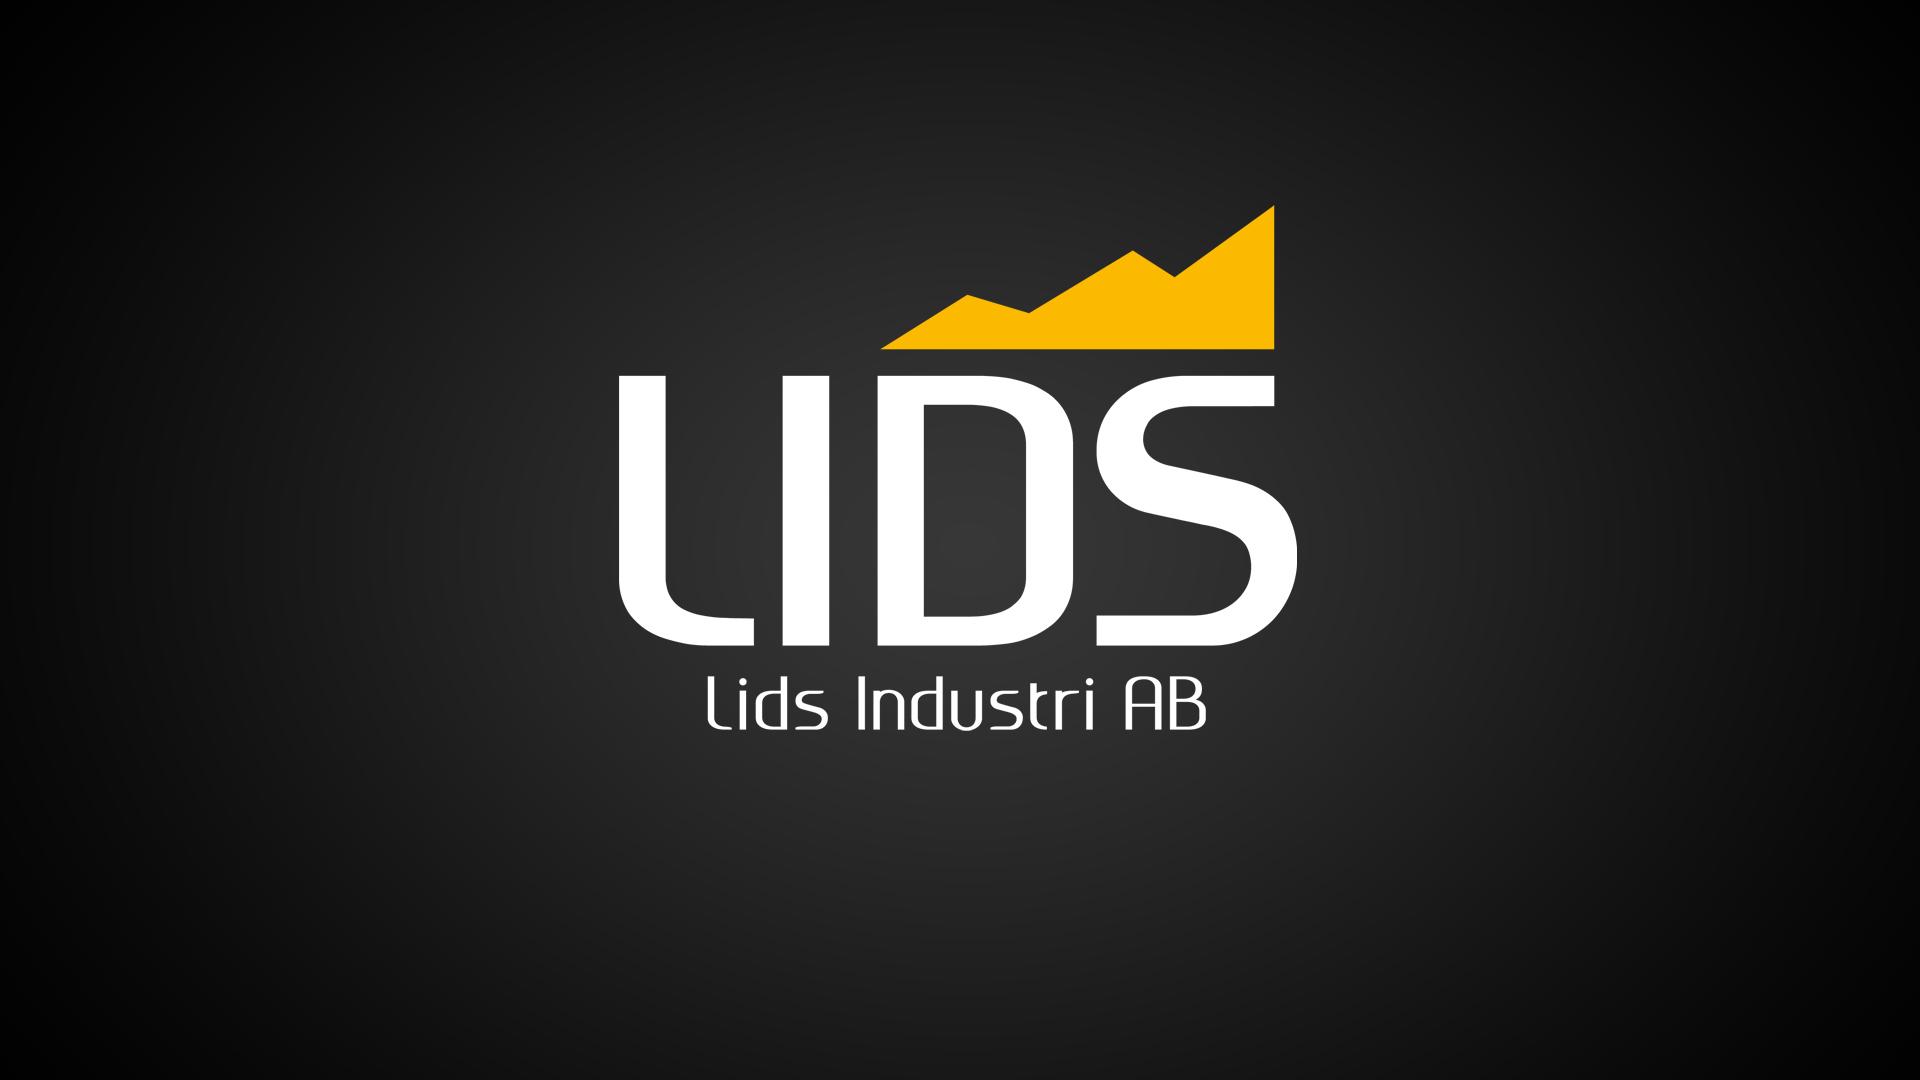 LIDS varumärke